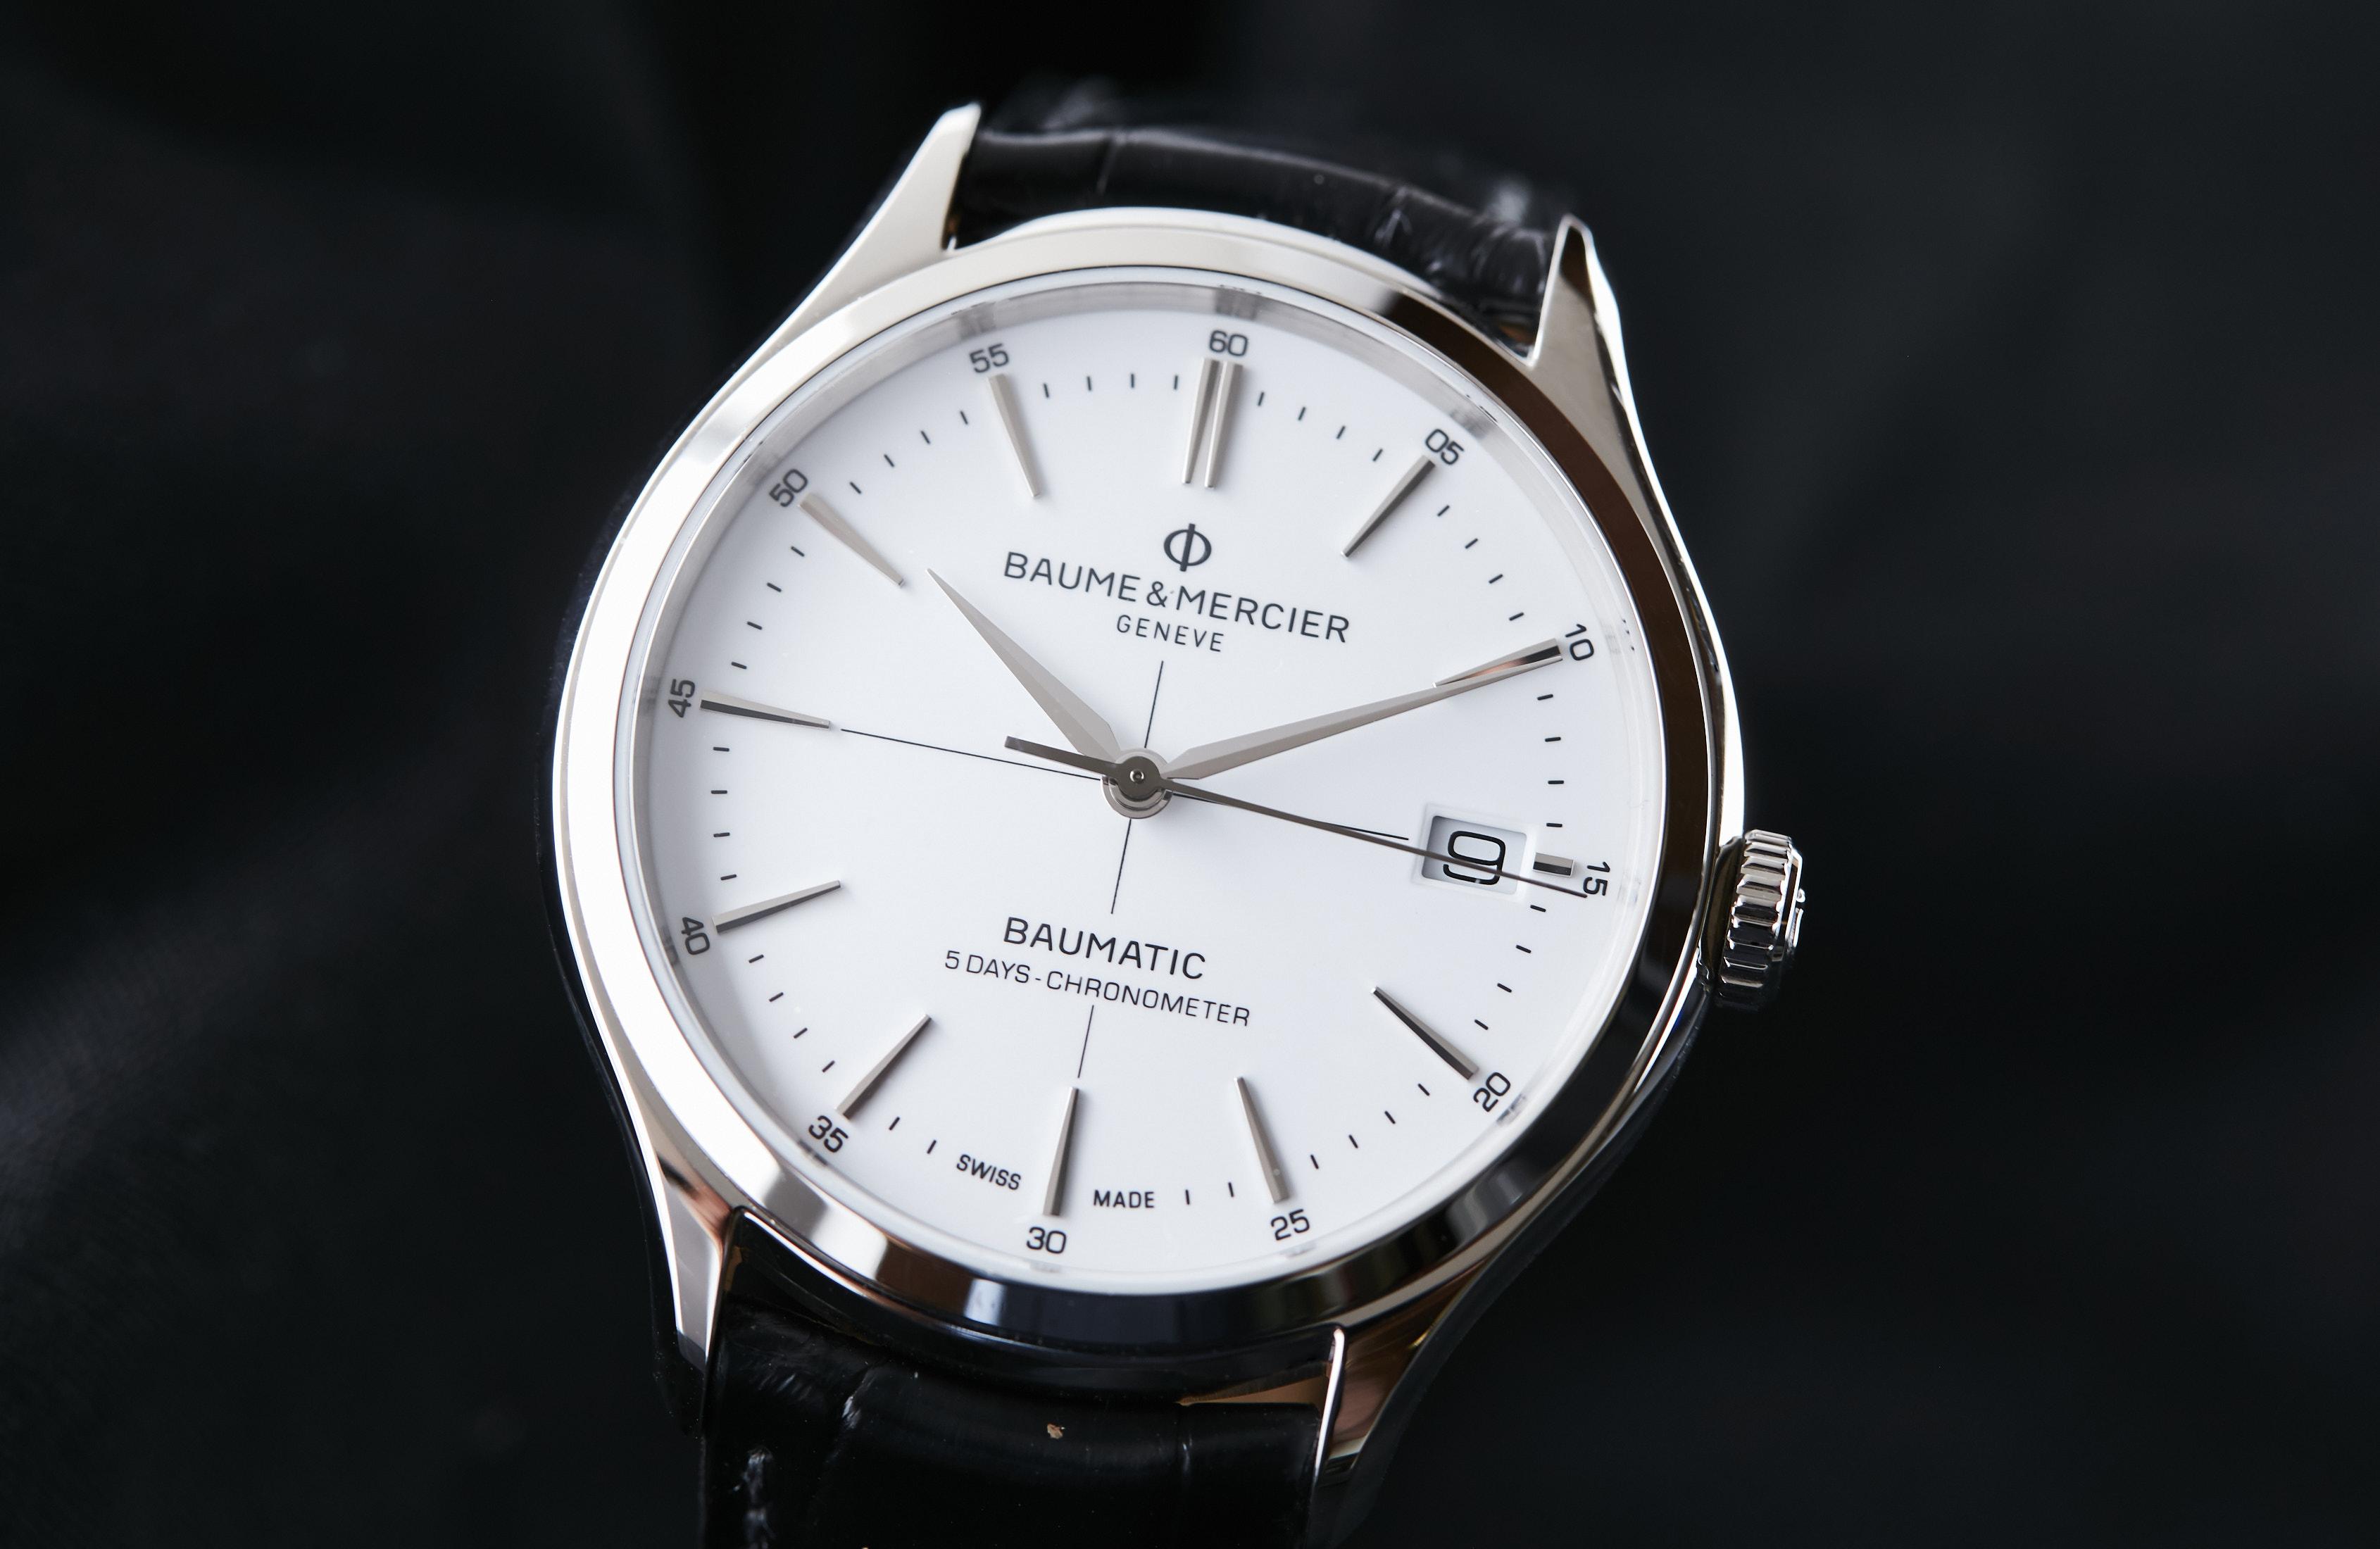 Baume & Mercier Clifton Baumatic 10436